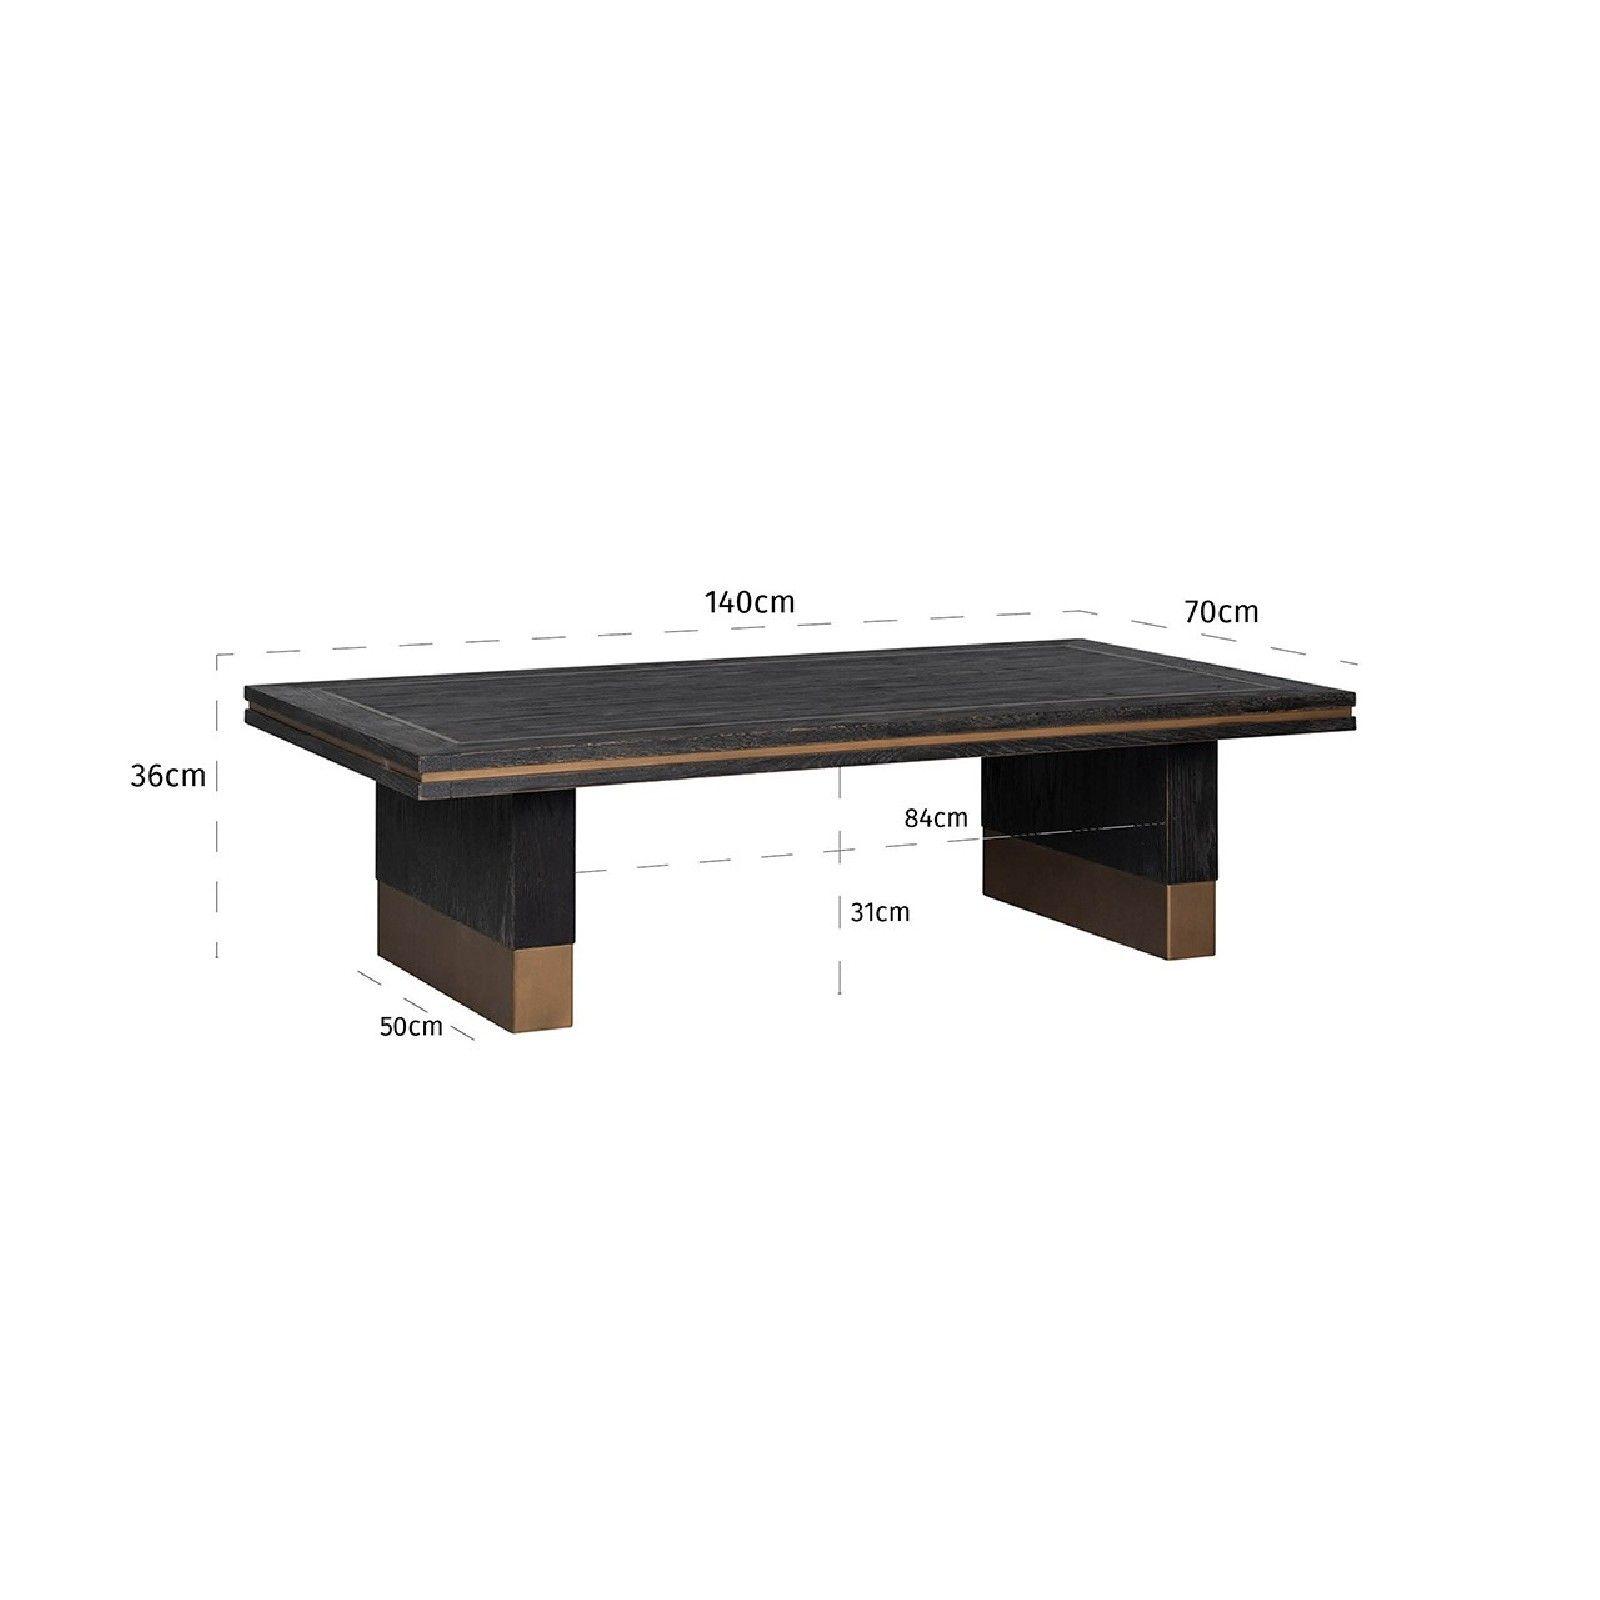 Table de salon Hunter 140x70 Tables basses rectangulaires - 746